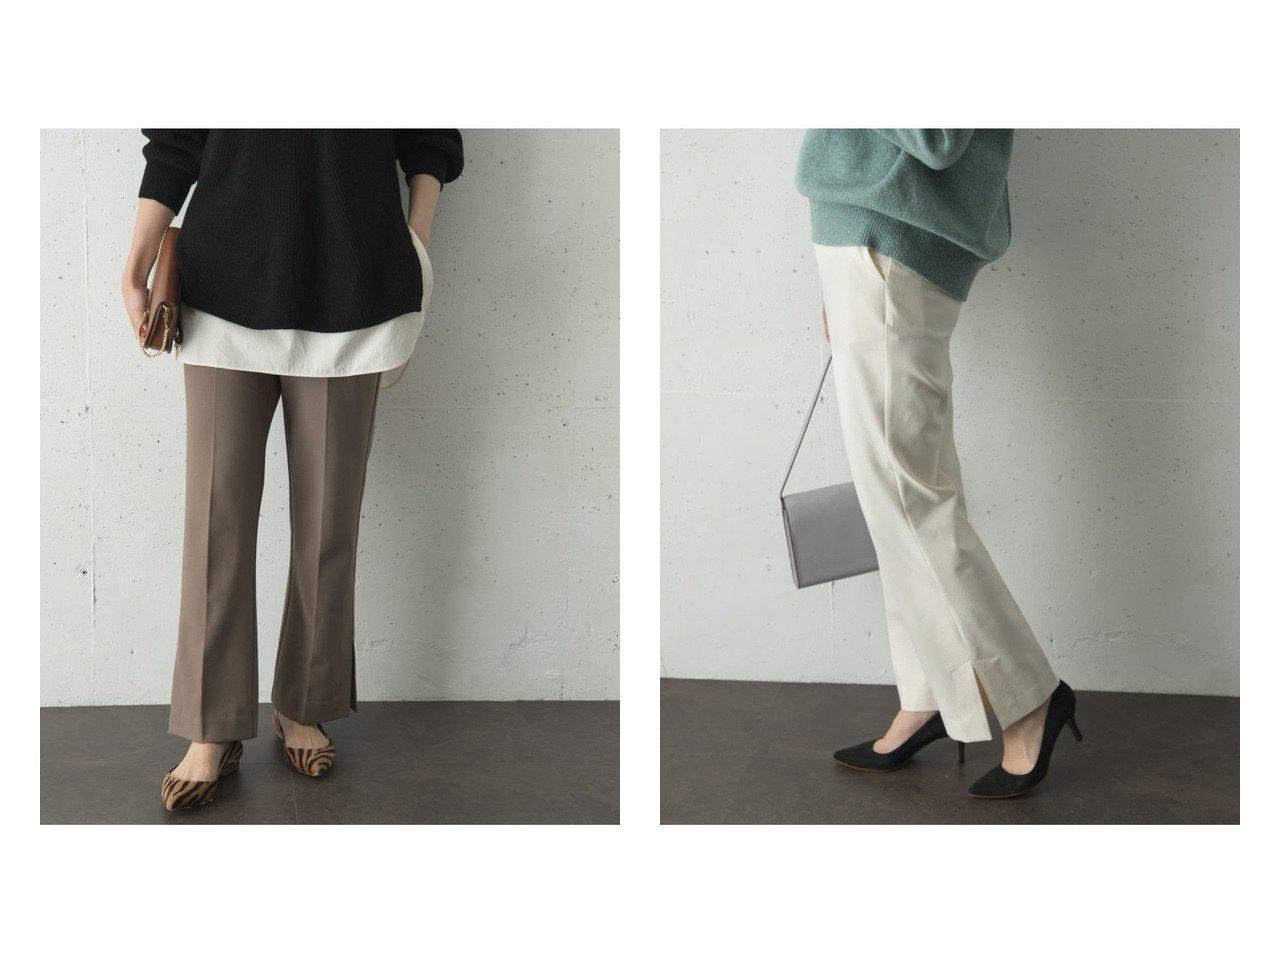 【URBAN RESEARCH ROSSO/アーバンリサーチ ロッソ】の後ろゴムセミフレアパンツ パンツのおすすめ!人気、トレンド・レディースファッションの通販 おすすめで人気の流行・トレンド、ファッションの通販商品 メンズファッション・キッズファッション・インテリア・家具・レディースファッション・服の通販 founy(ファニー) https://founy.com/ ファッション Fashion レディースファッション WOMEN パンツ Pants NEW・新作・新着・新入荷 New Arrivals シンプル ジーンズ スリット センター フレア ポケット |ID:crp329100000011727